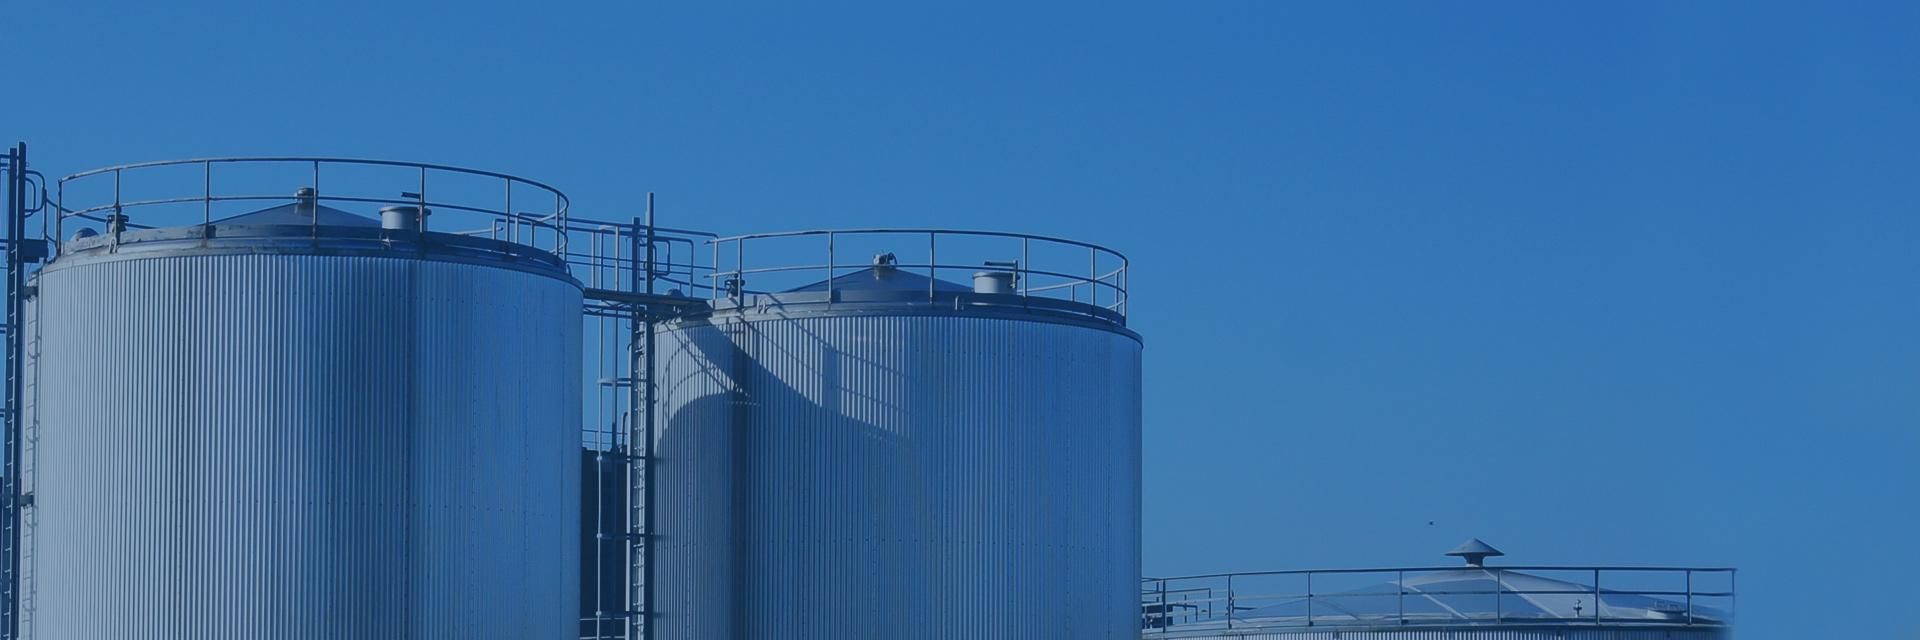 公司地處中國第三大油田,遼河油田總部所在地遼寧省盤錦市。